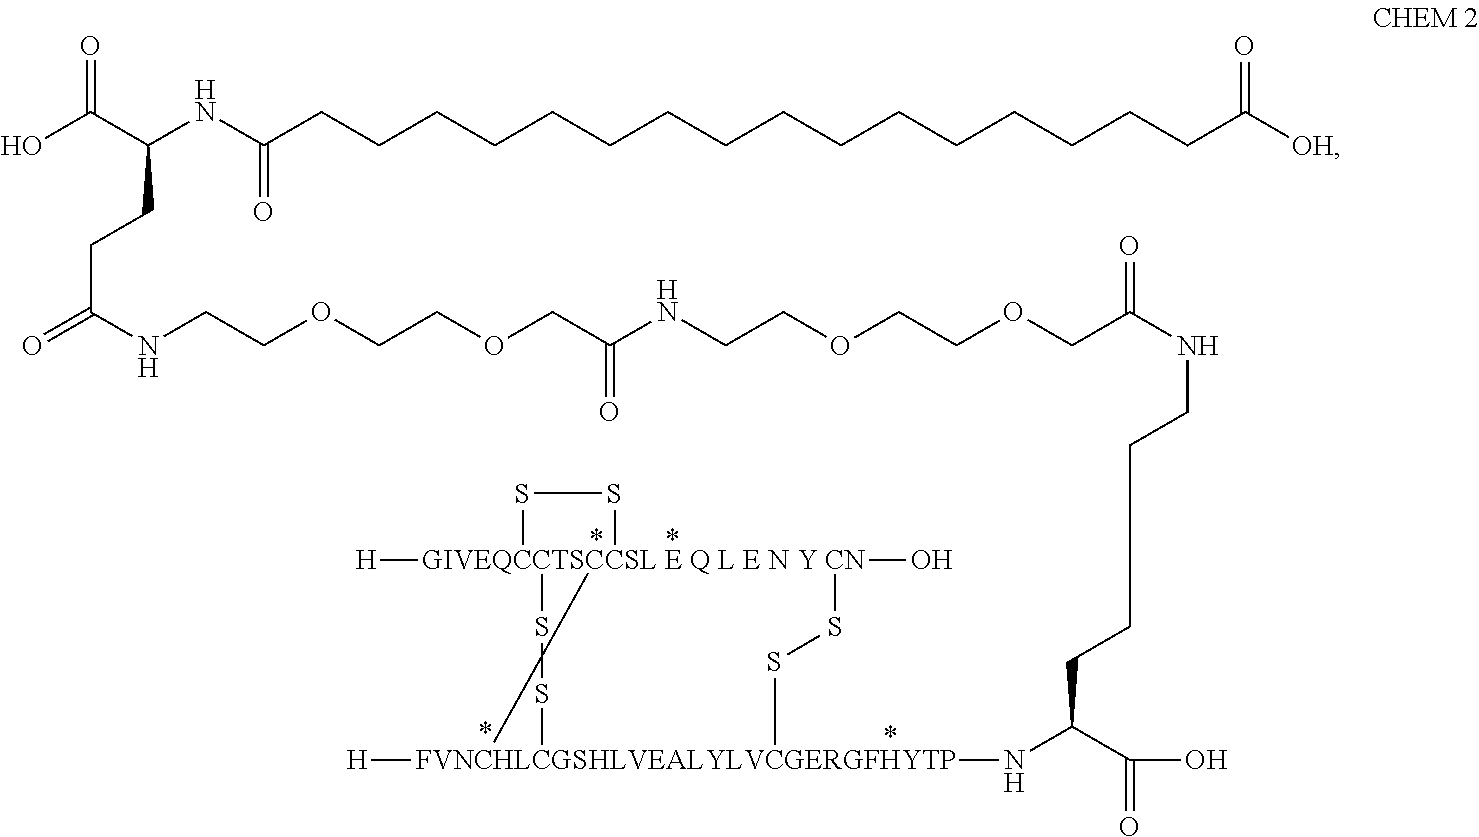 Figure US20180000742A1-20180104-C00002